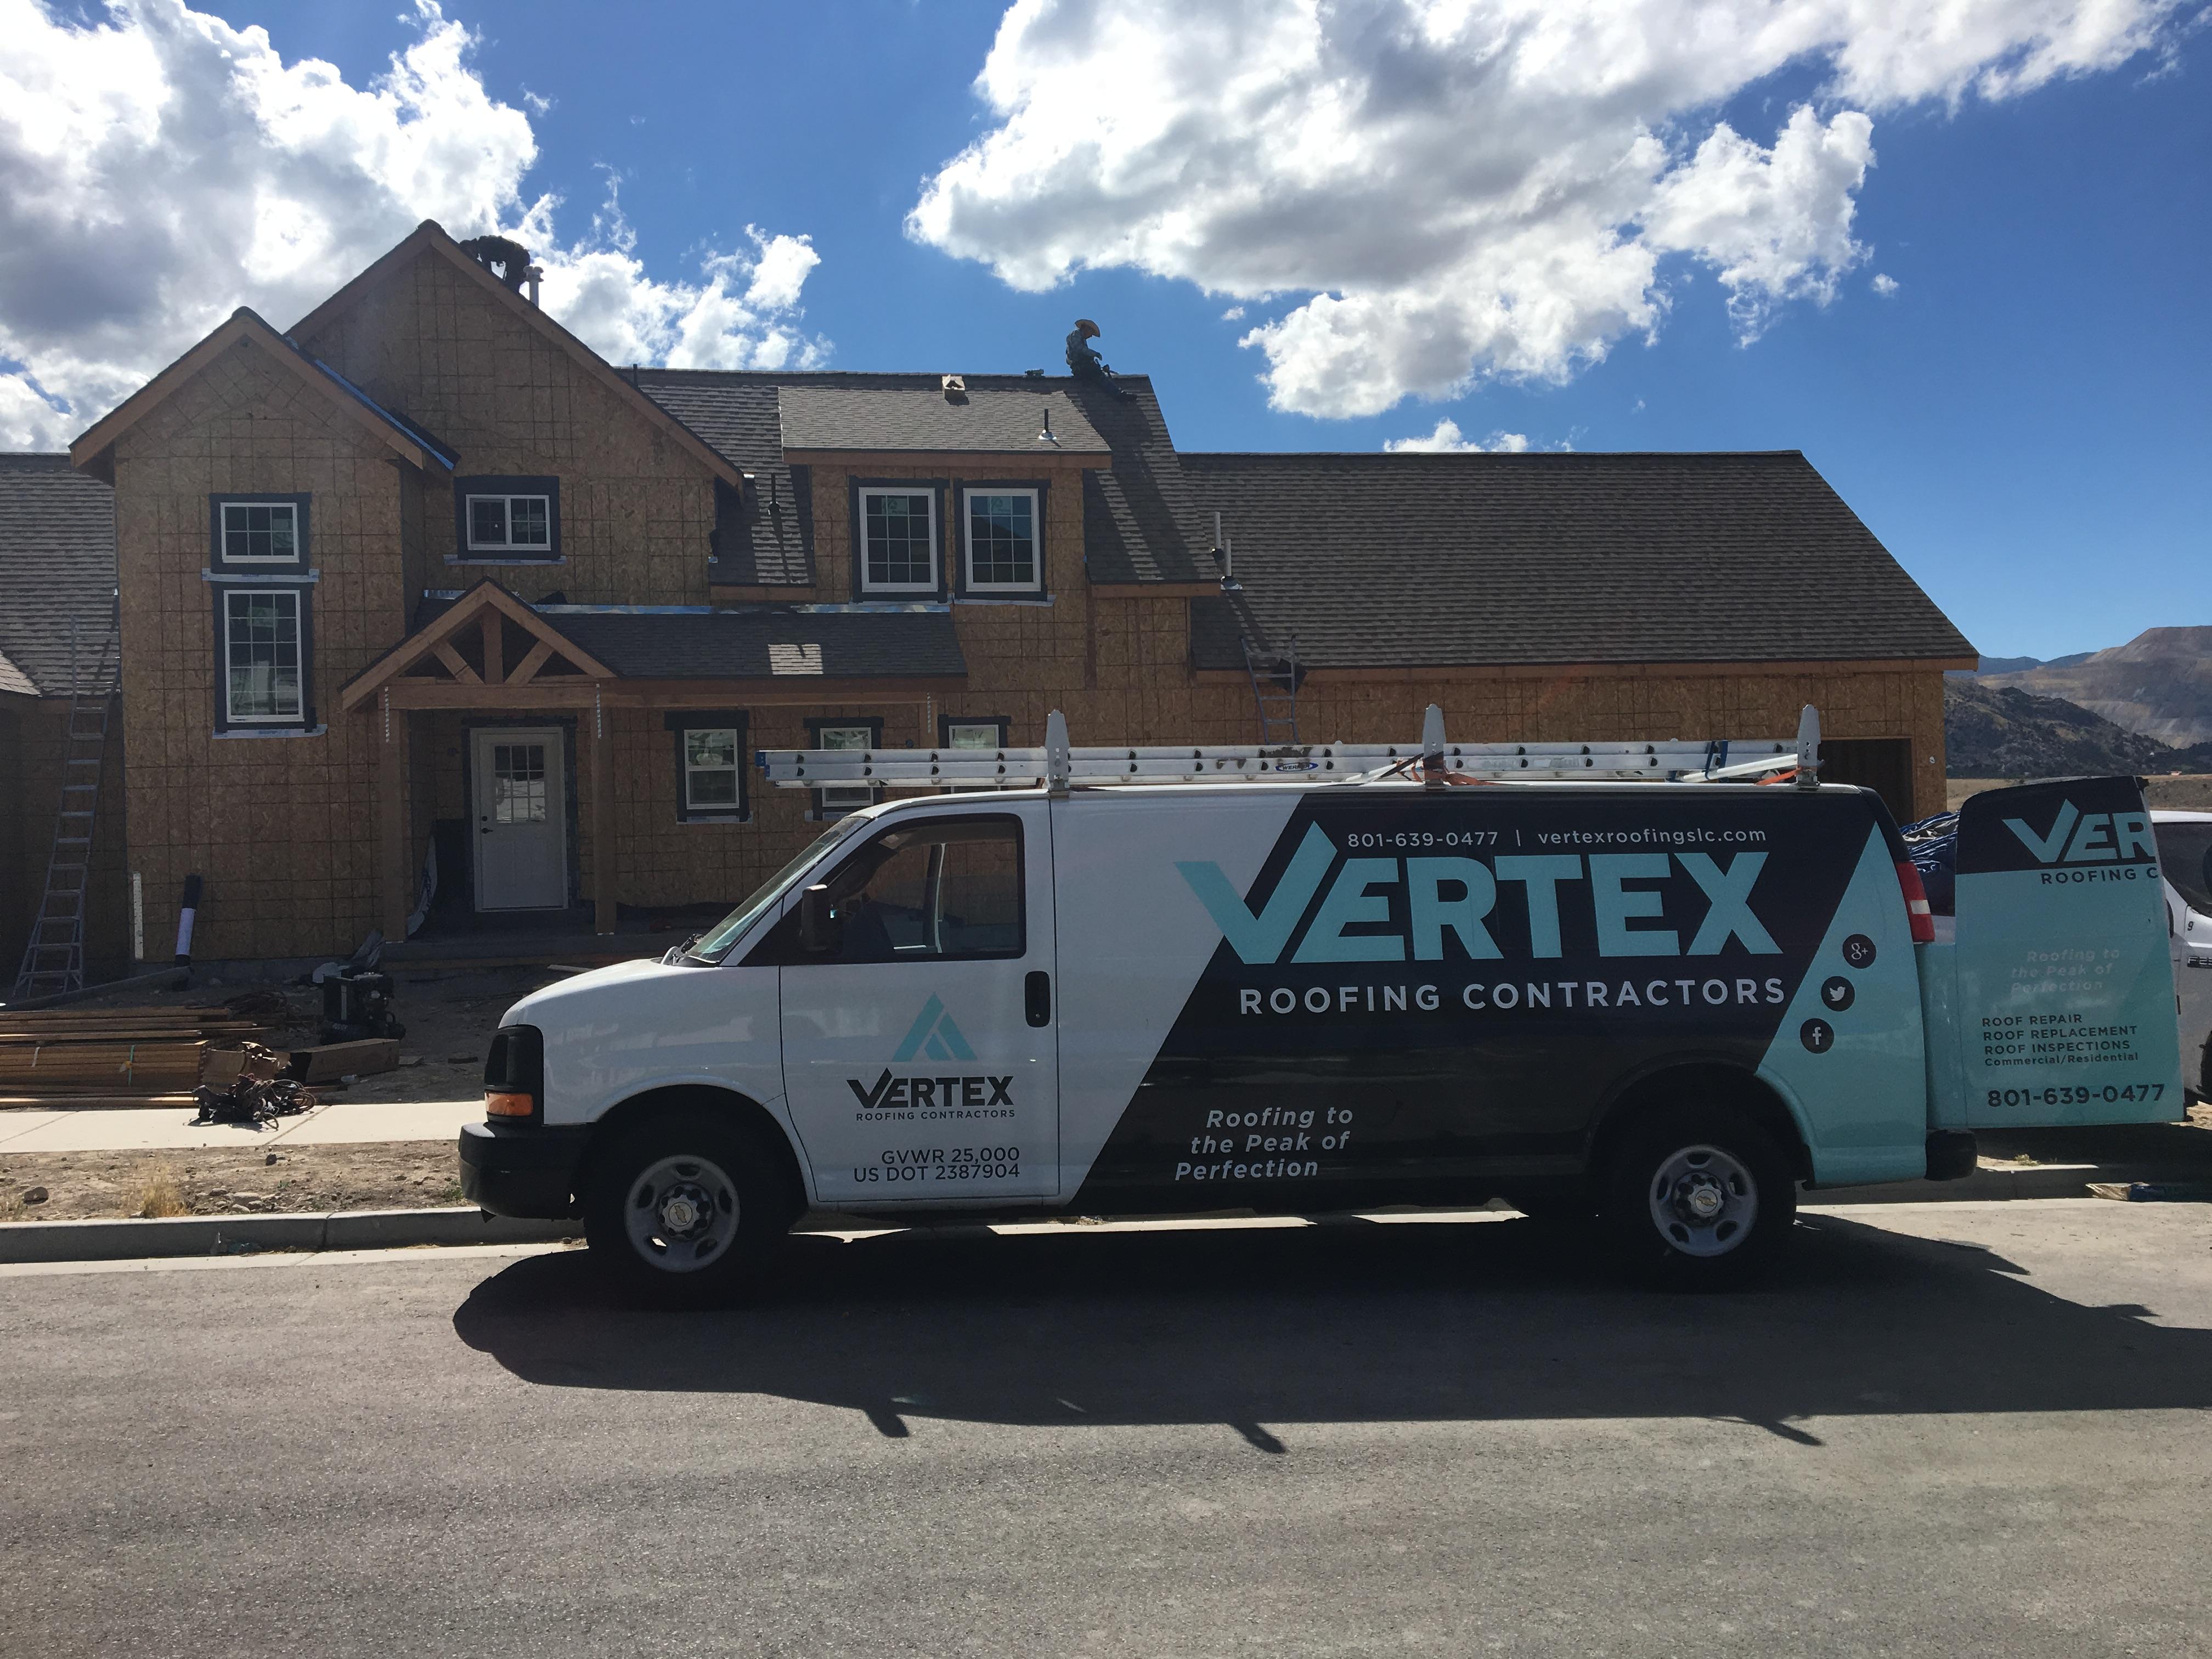 Vertex Roofing 3809 S 300 W Salt Lake City Ut Metal Roofing Contractors Mapquest